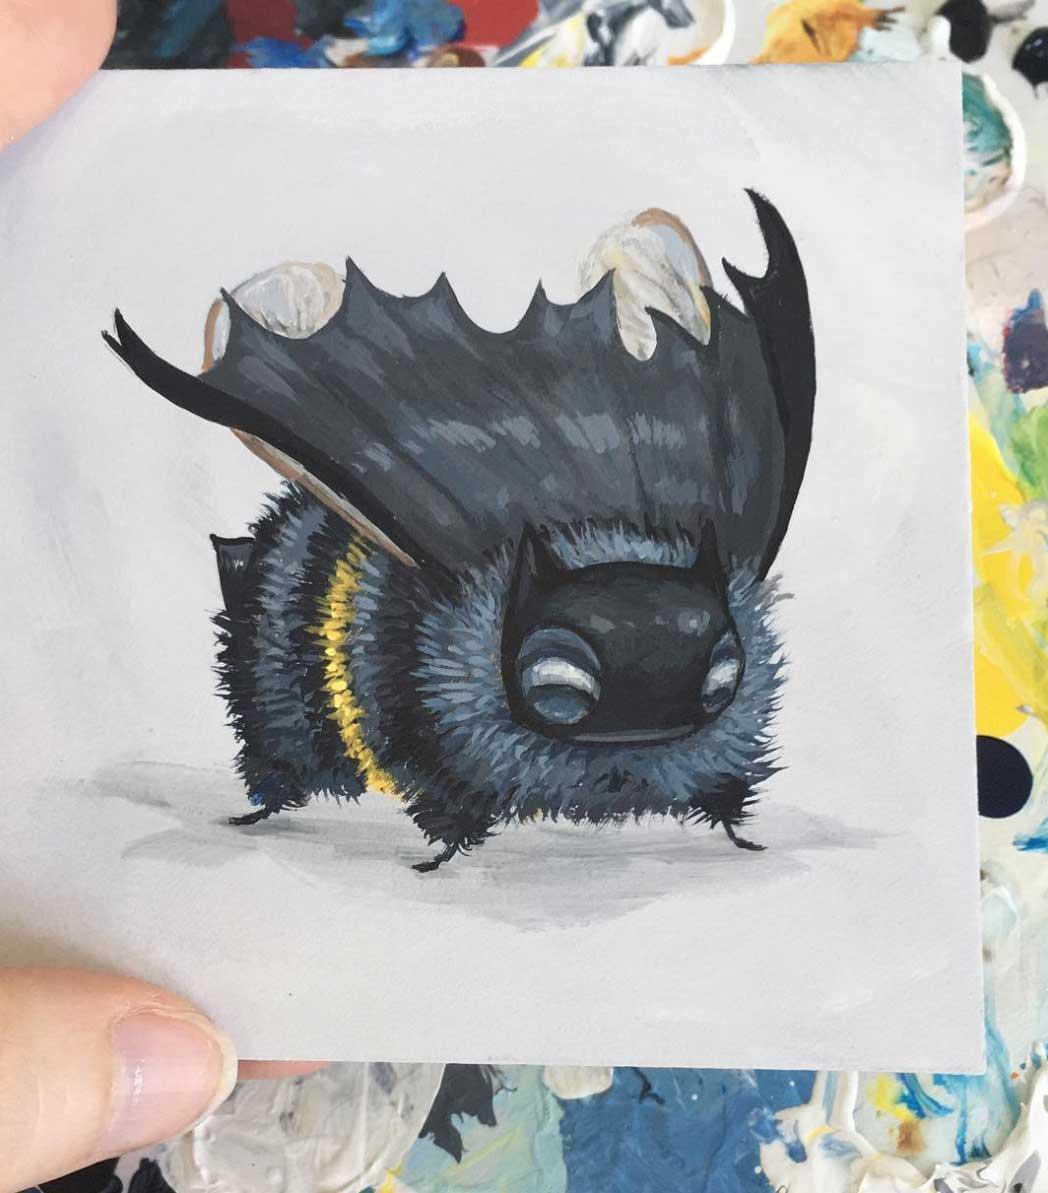 Als Bienen gemalte Popkulturfiguren popkulturbienen-von-Camilla-dErrico_03